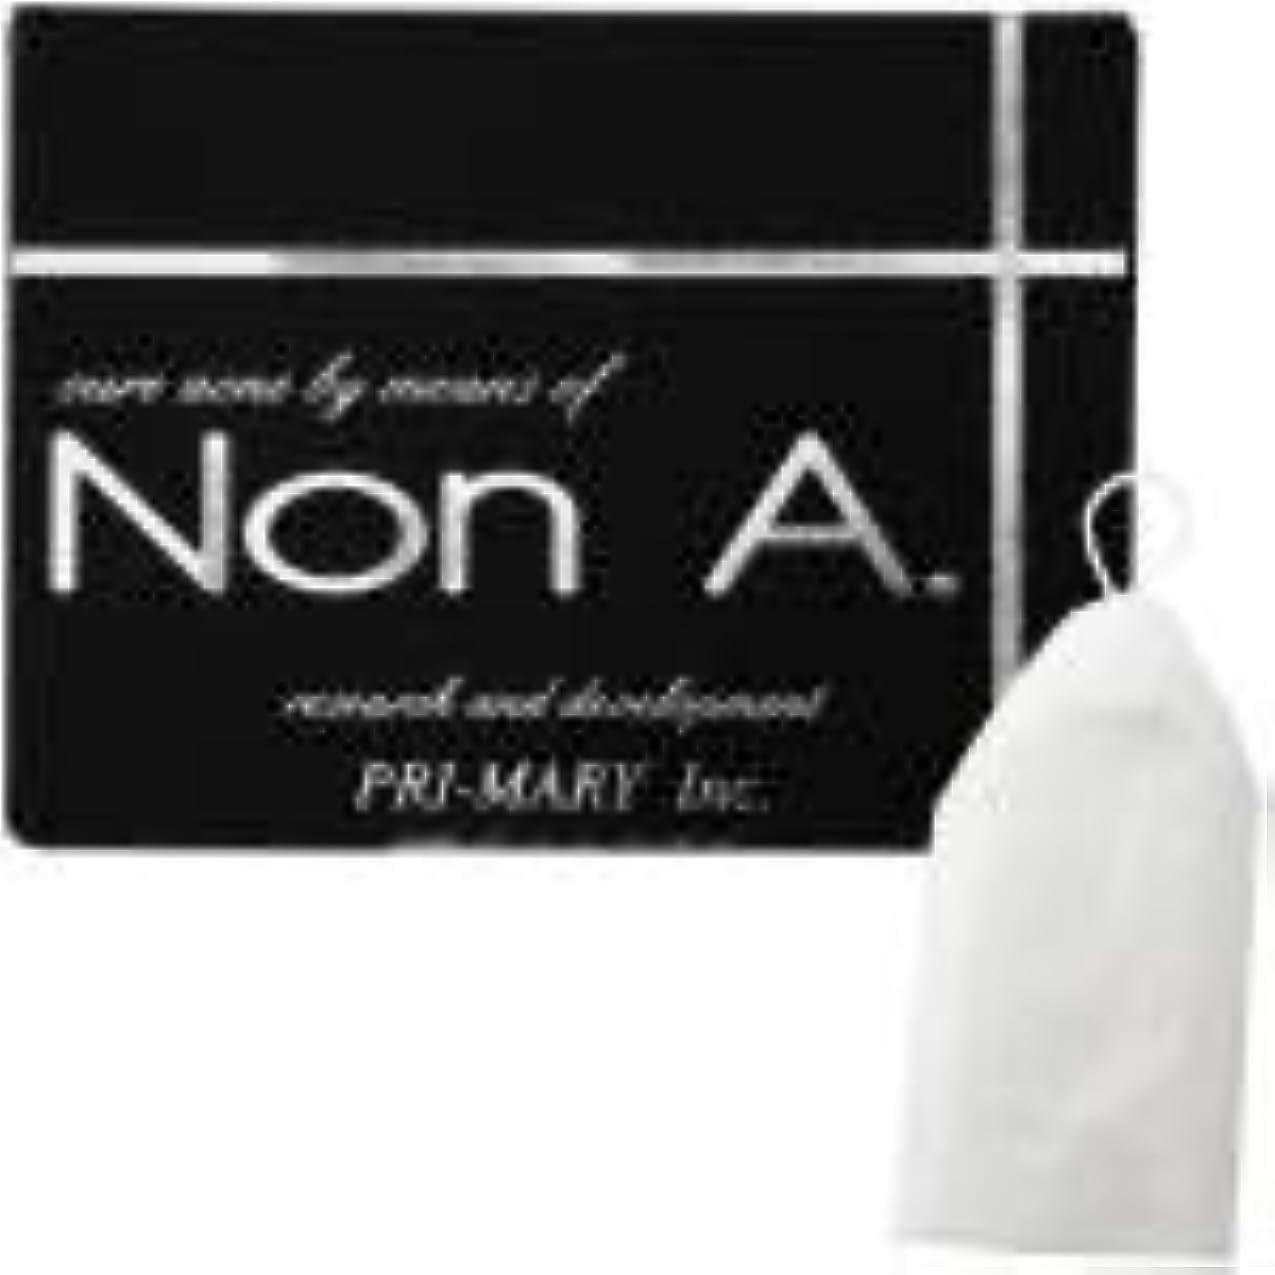 電圧雪だるまを作る起きるNon A. (ノンエー) 石鹸 洗顔フォーム [ 洗顔泡立てネット付 / 100g / ニキビ対策 ] 洗顔料 洗顔せっけん 洗顔ソープ nona (プライマリー)